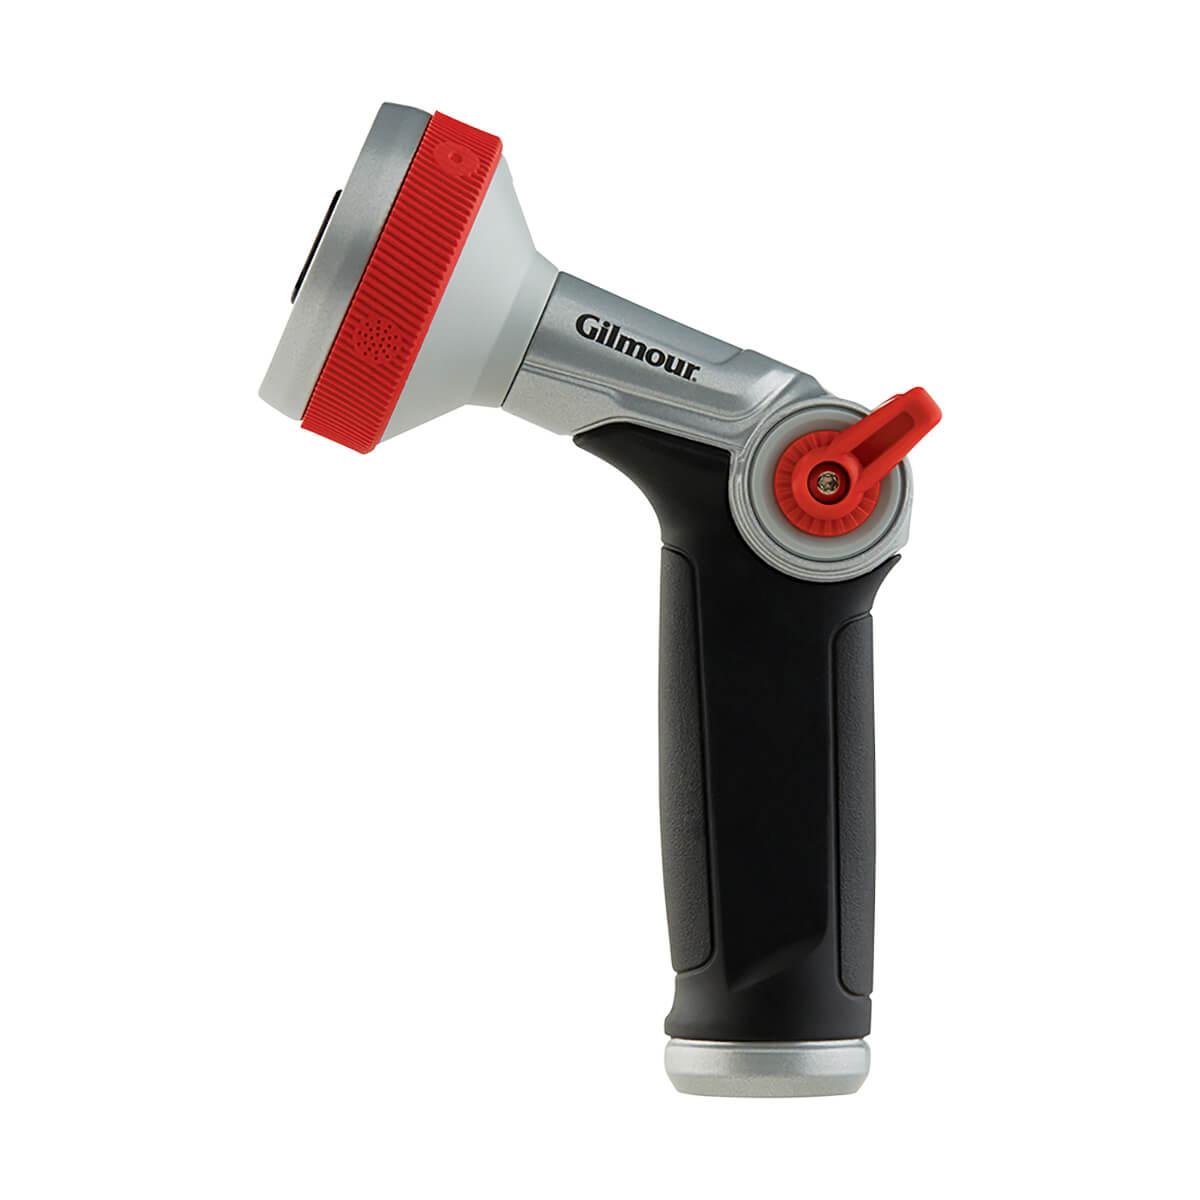 Thumb Control Nozzle